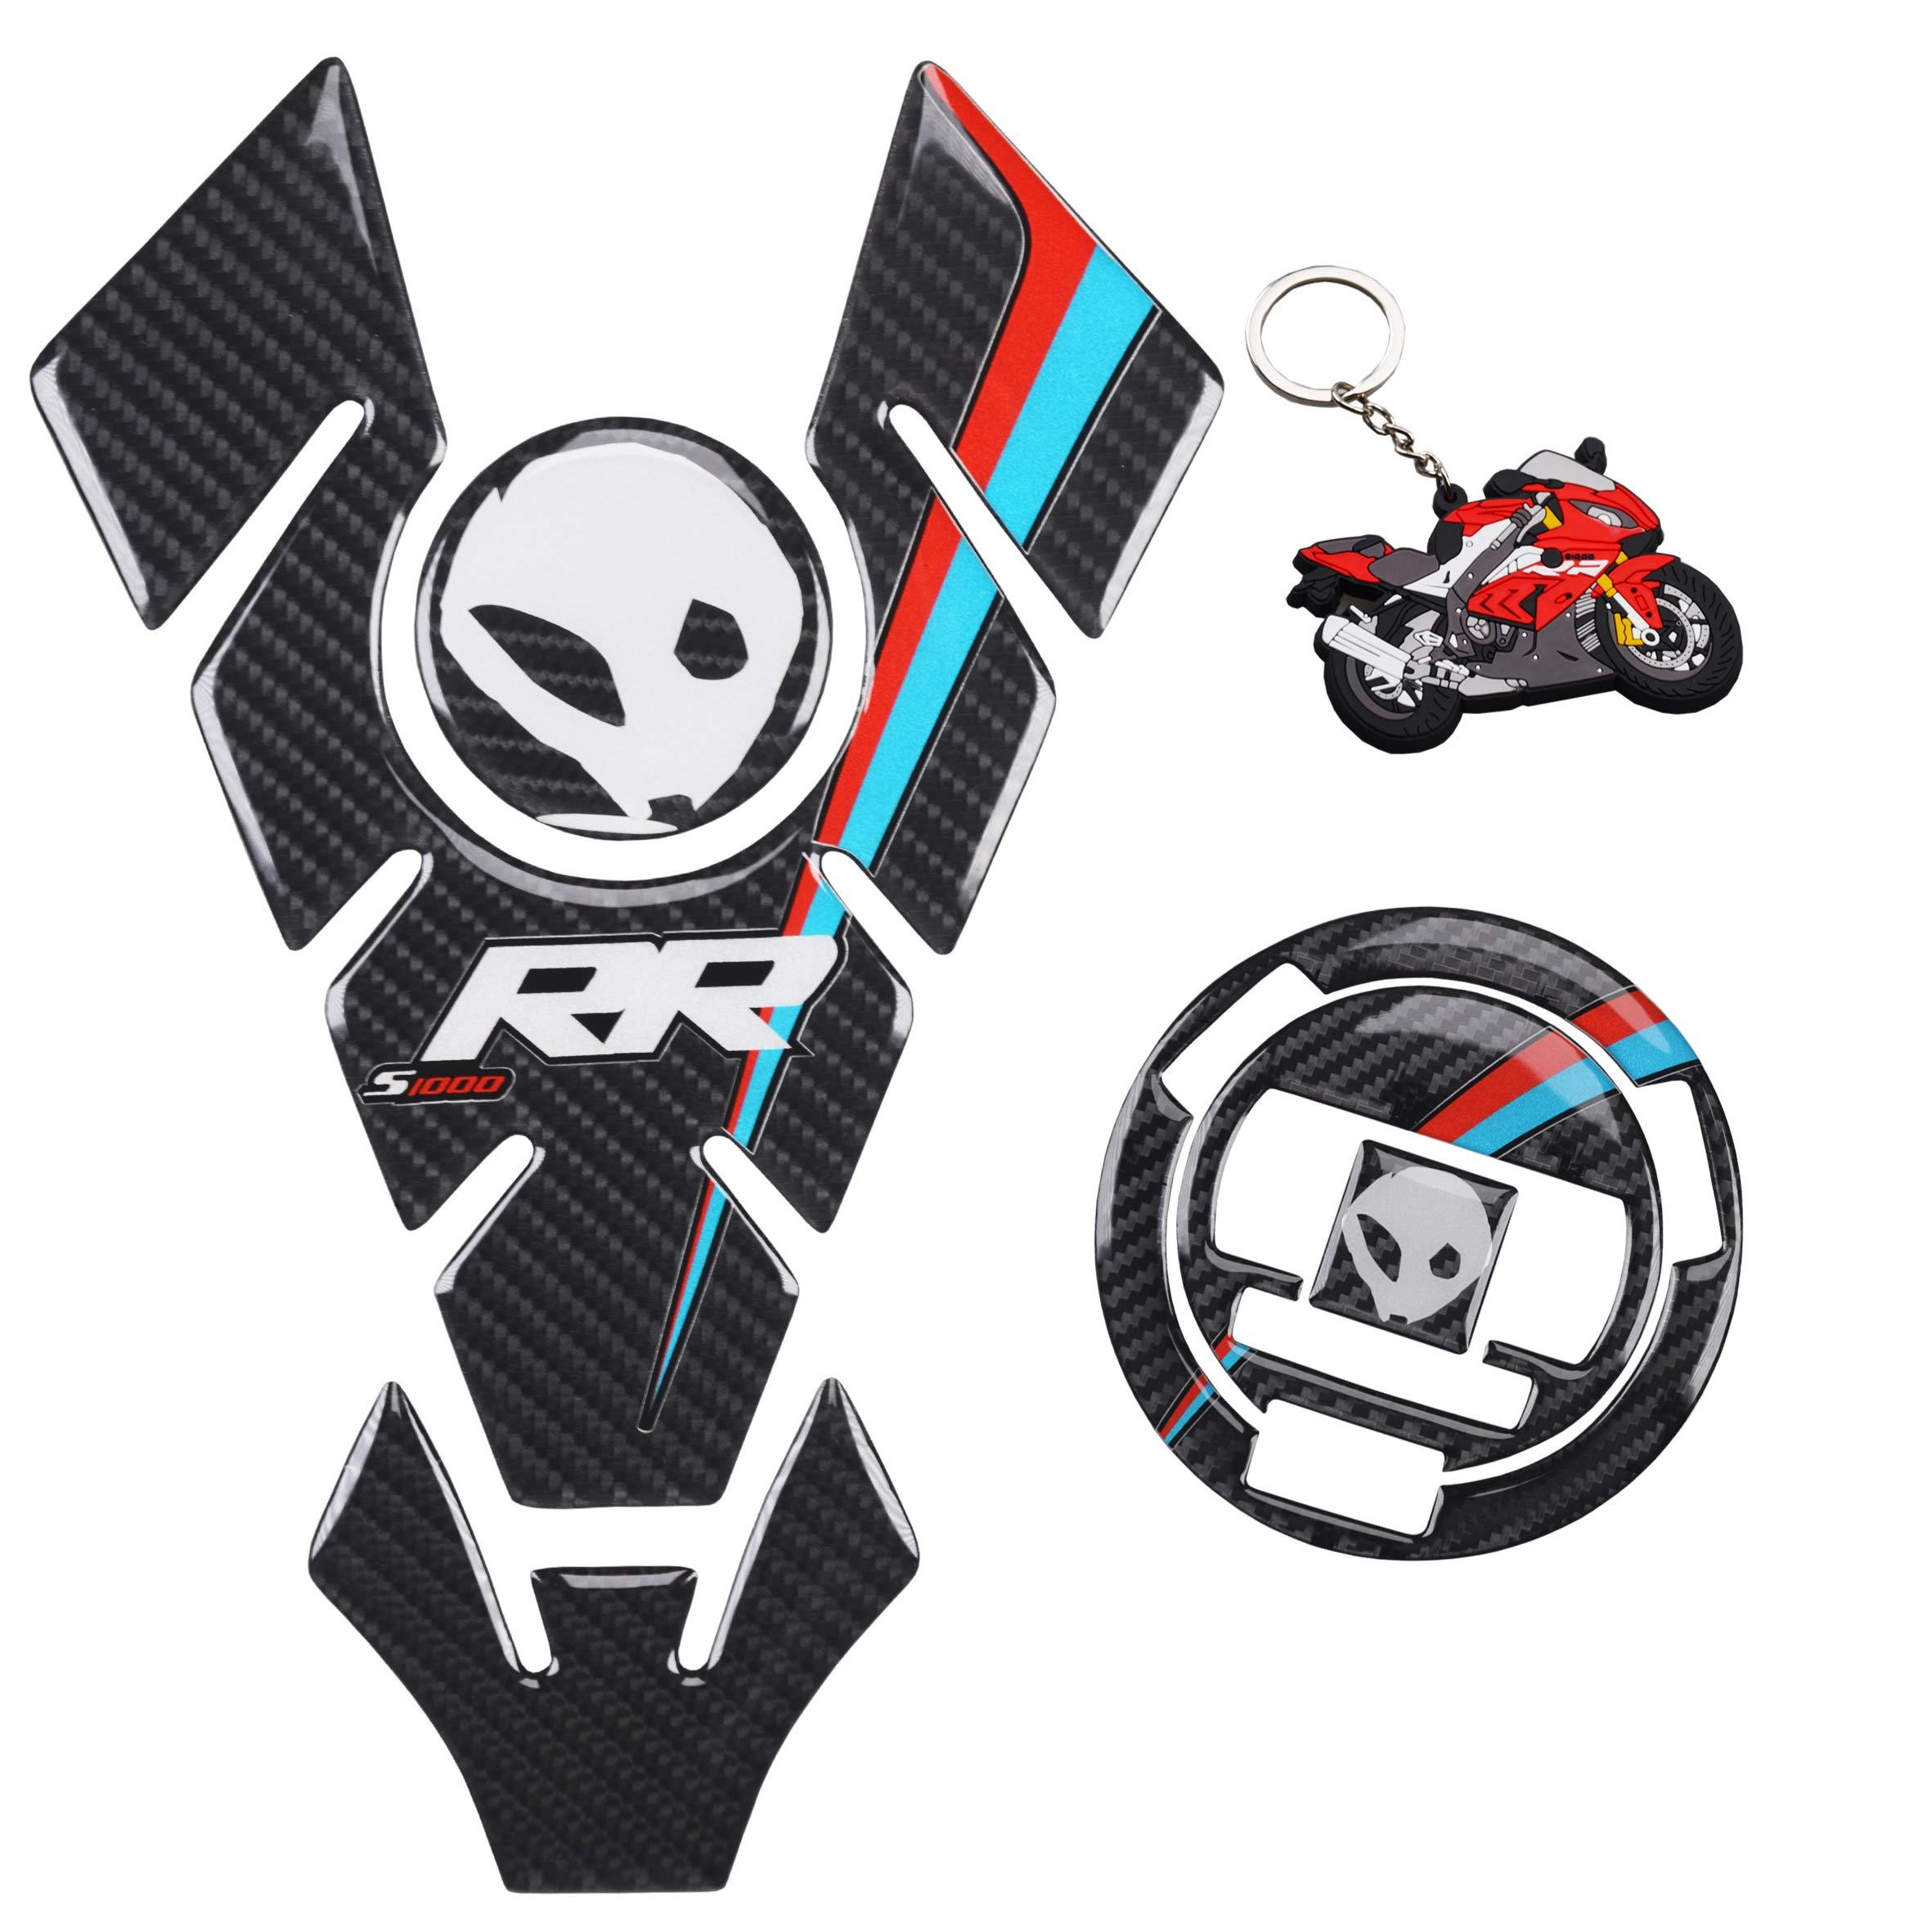 Black Acouto Helmet Lock, Motorcycle Helmet Lock with 2 Keys Fit for BMW S1000R S1000XR S1000RR HP4 2009-2018